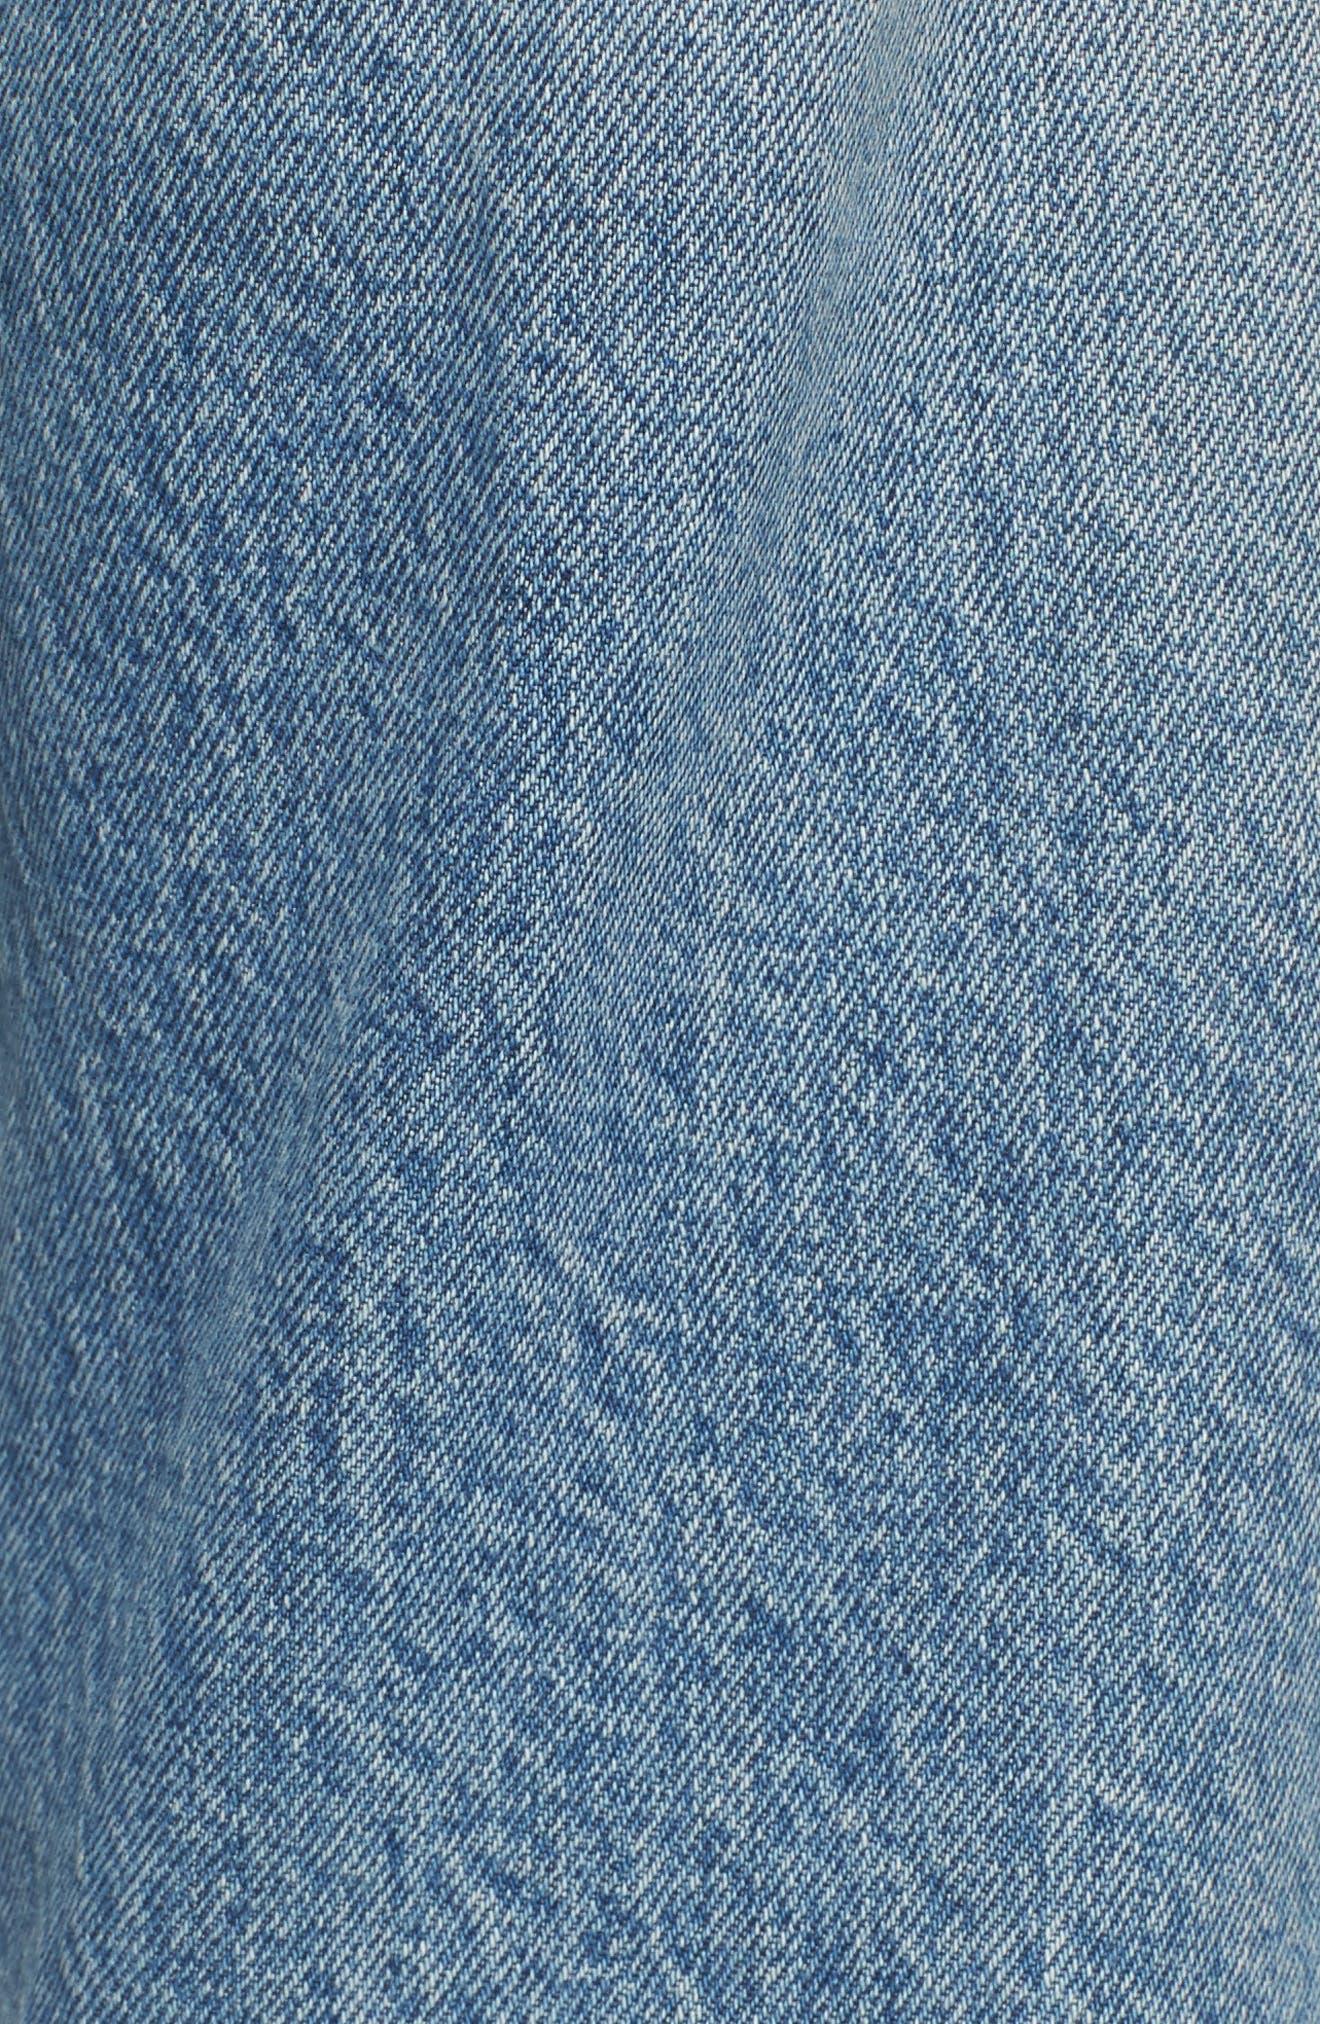 Alternate Image 5  - Current/Elliott The His Boyfriend Jeans (Pinyon Destroy Wash)